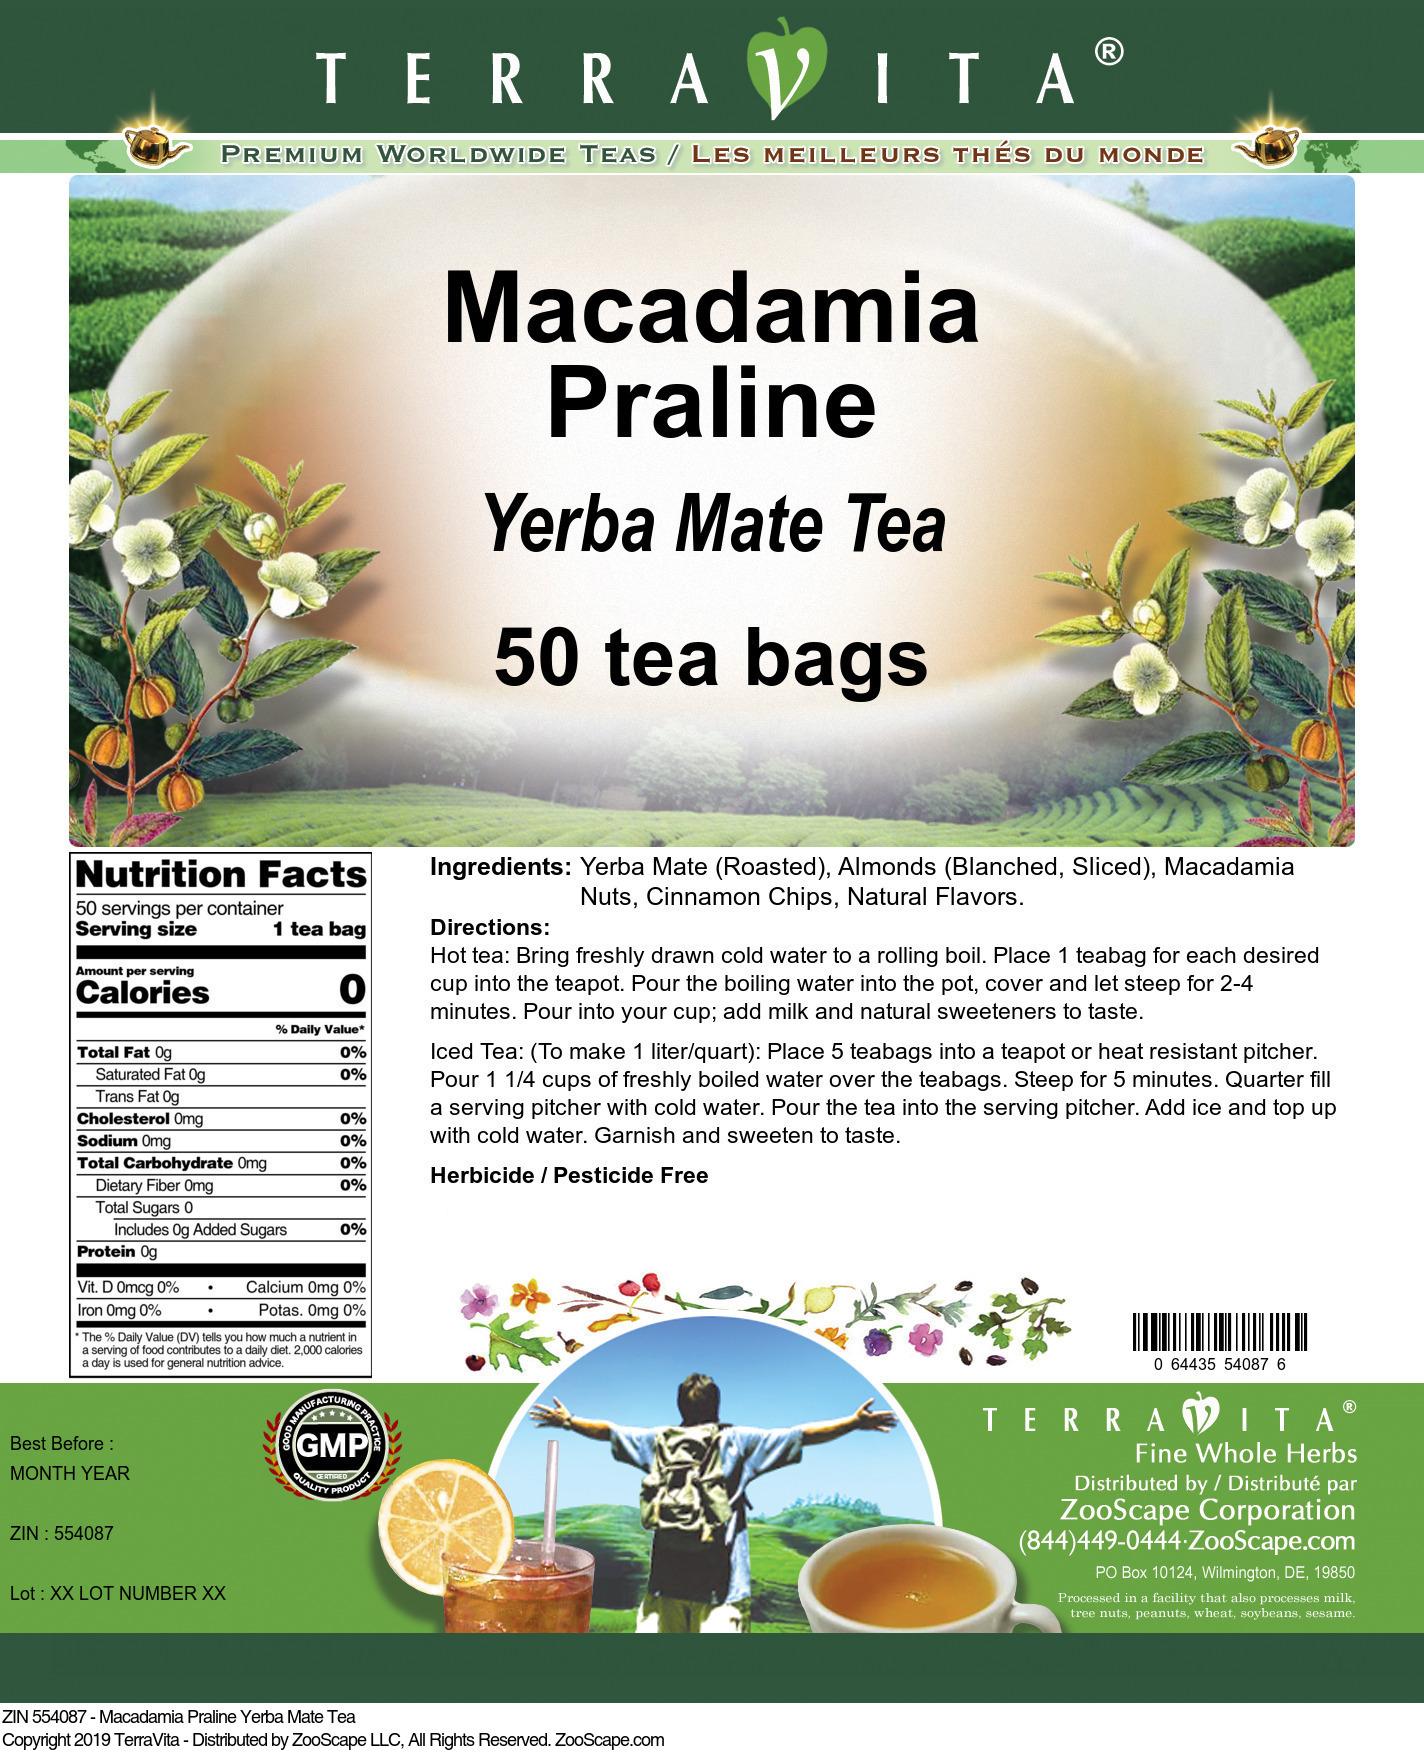 Macadamia Praline Yerba Mate